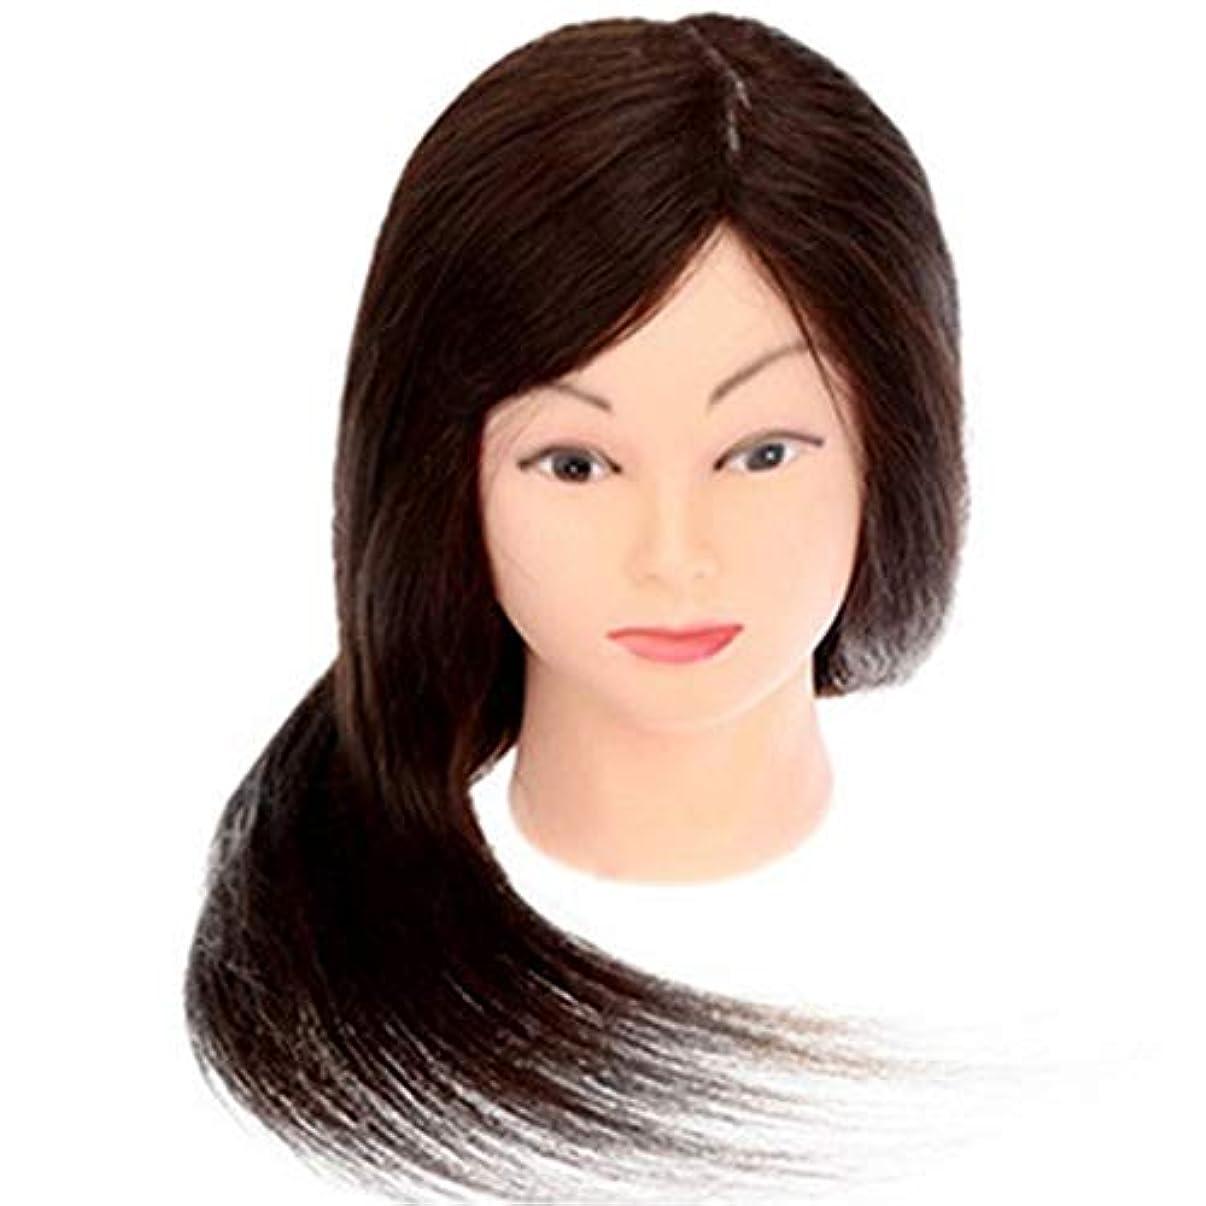 屋内すすり泣き合体メイクアップエクササイズディスク髪編組ヘッド金型デュアルユースダミーヘッドモデルヘッド美容ヘアカットティーチングヘッドかつら